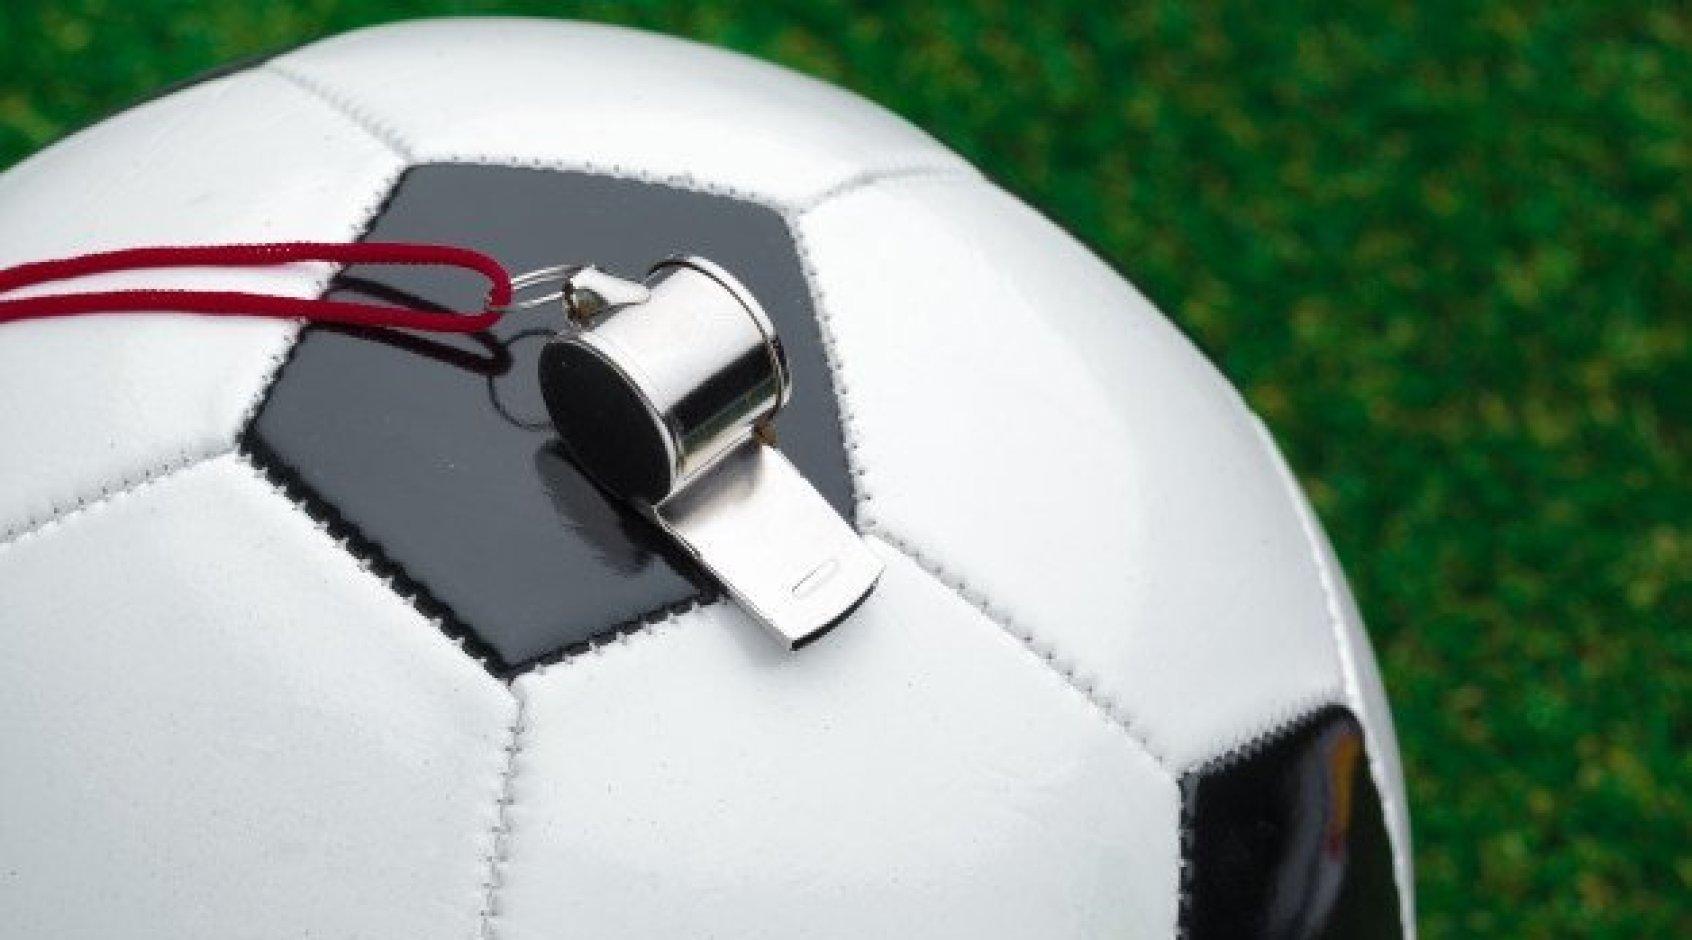 Разъяснение IFAB о вступающих в силу изменениях футбольных правил